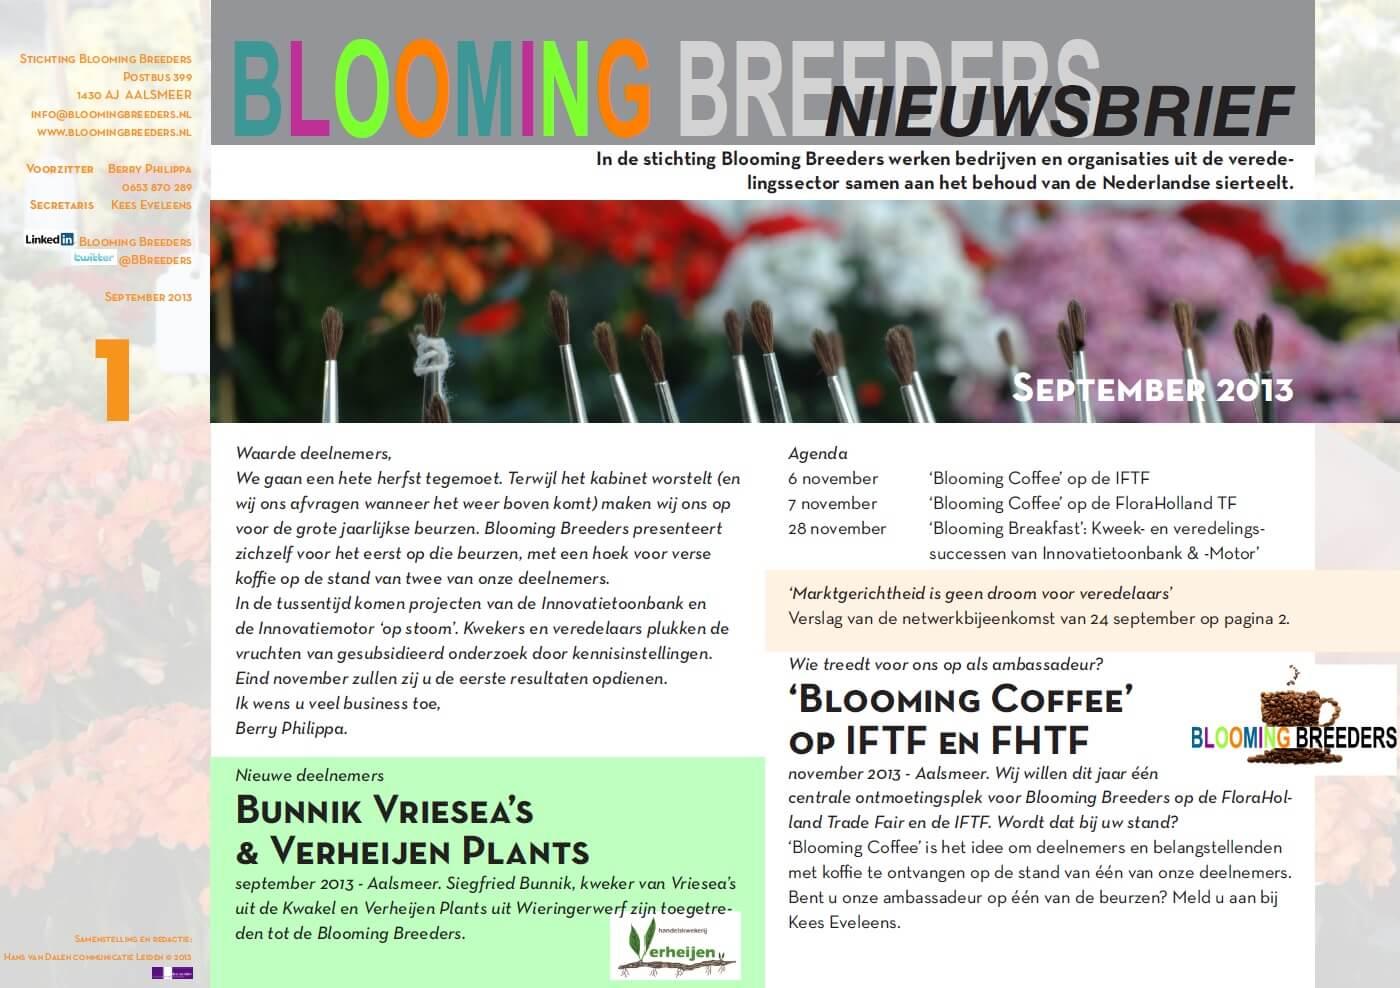 nieuwsbrief Blooming Breeders